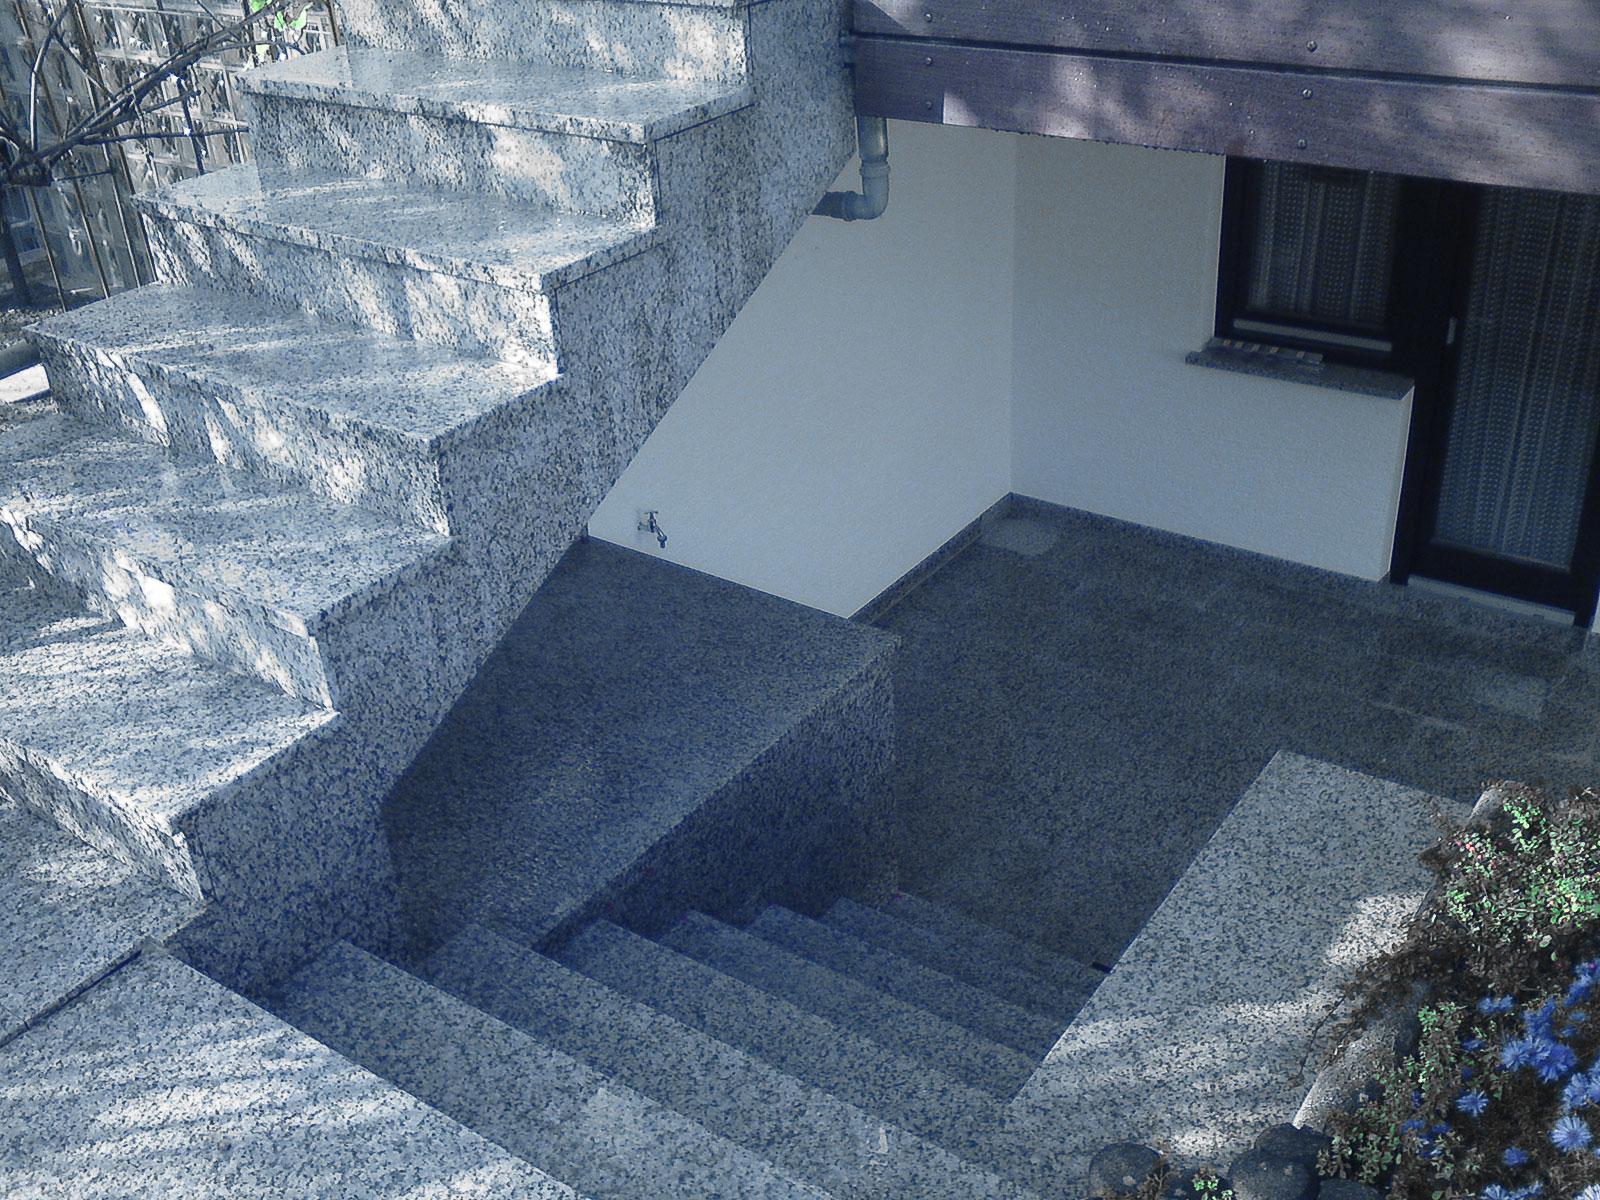 fliesen treppen im aussenbereich wir gestalten ihre treppe mit geeigneten fliesen. Black Bedroom Furniture Sets. Home Design Ideas